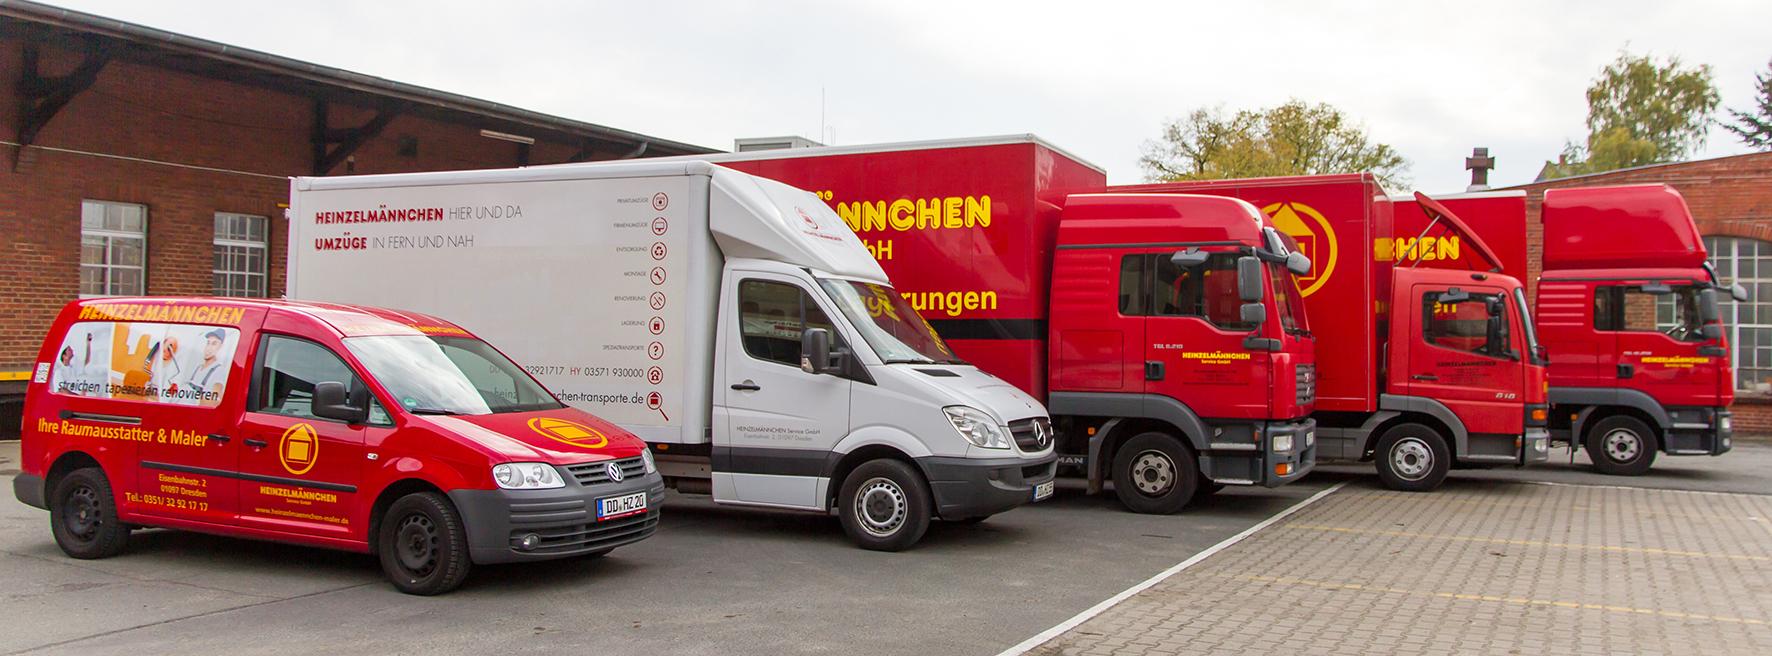 Heinzelmännchen Service GmbH